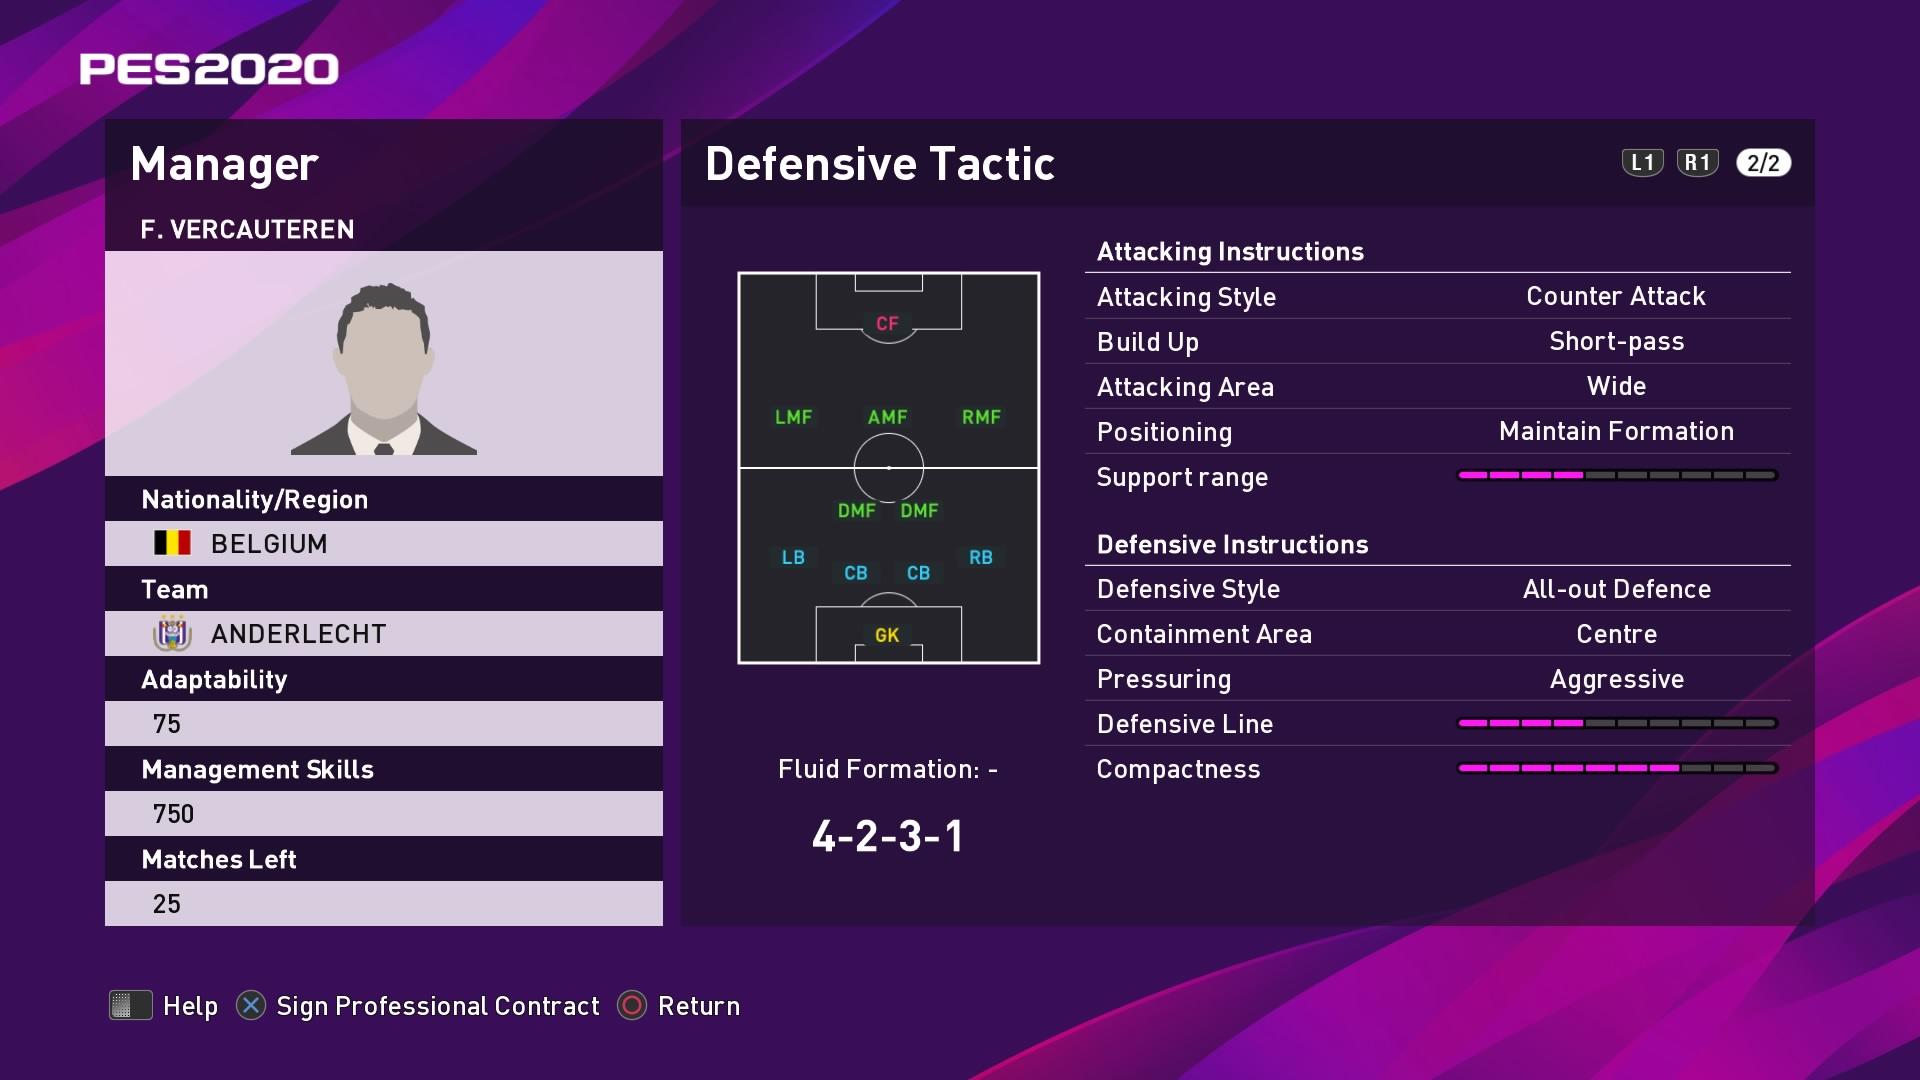 F. Vercauteren (Frank Vercauteren) Defensive Tactic in PES 2020 myClub